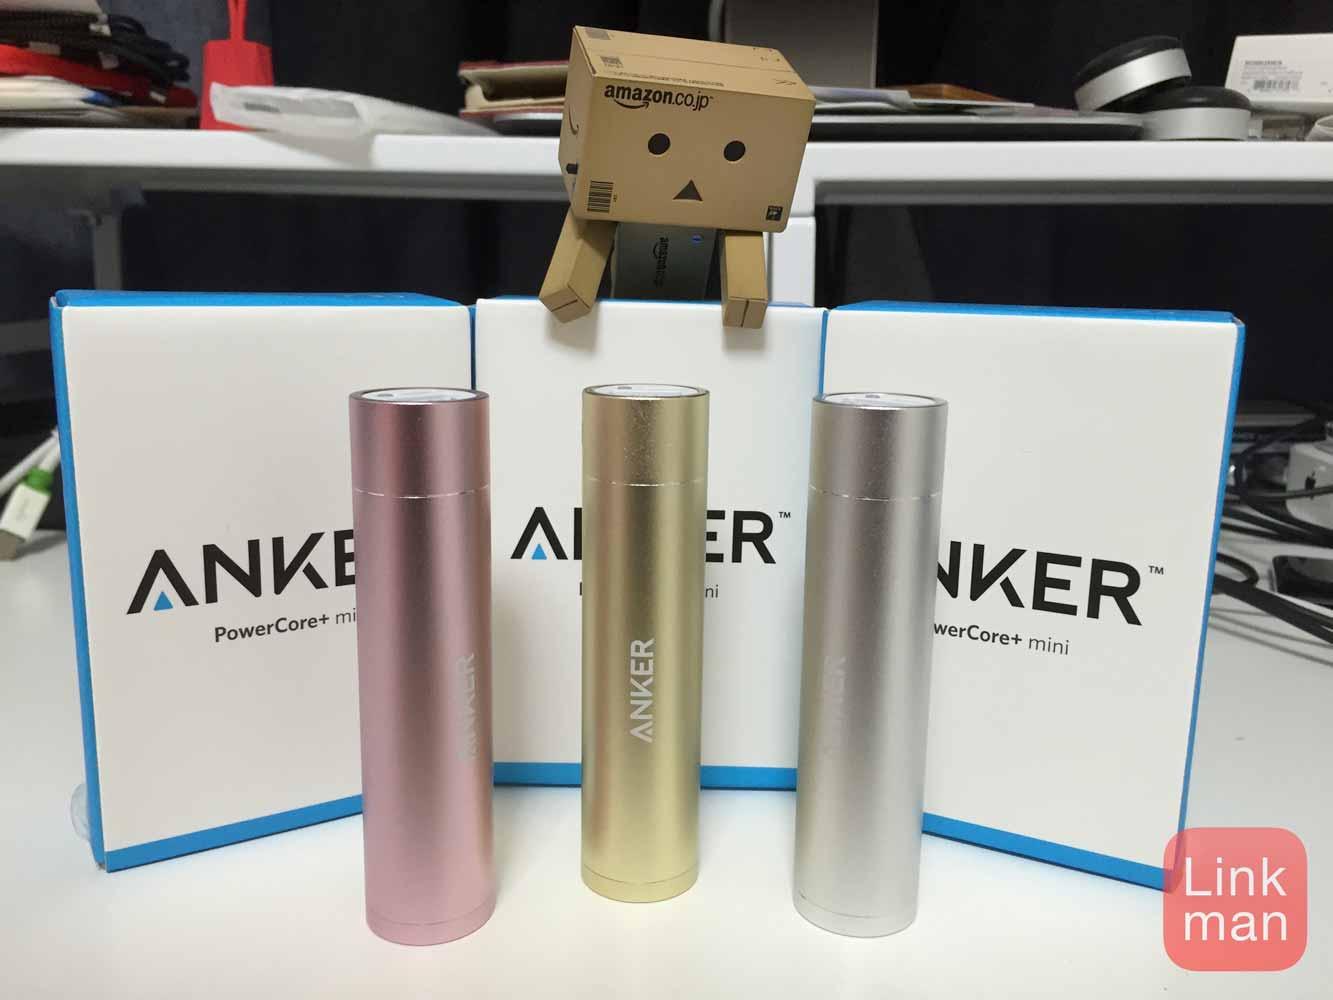 【レビュー】AnkerのiPhone 6を1.5回充電可能な小型モバイルバッテリー「Anker PowerCore+ mini」をチェック